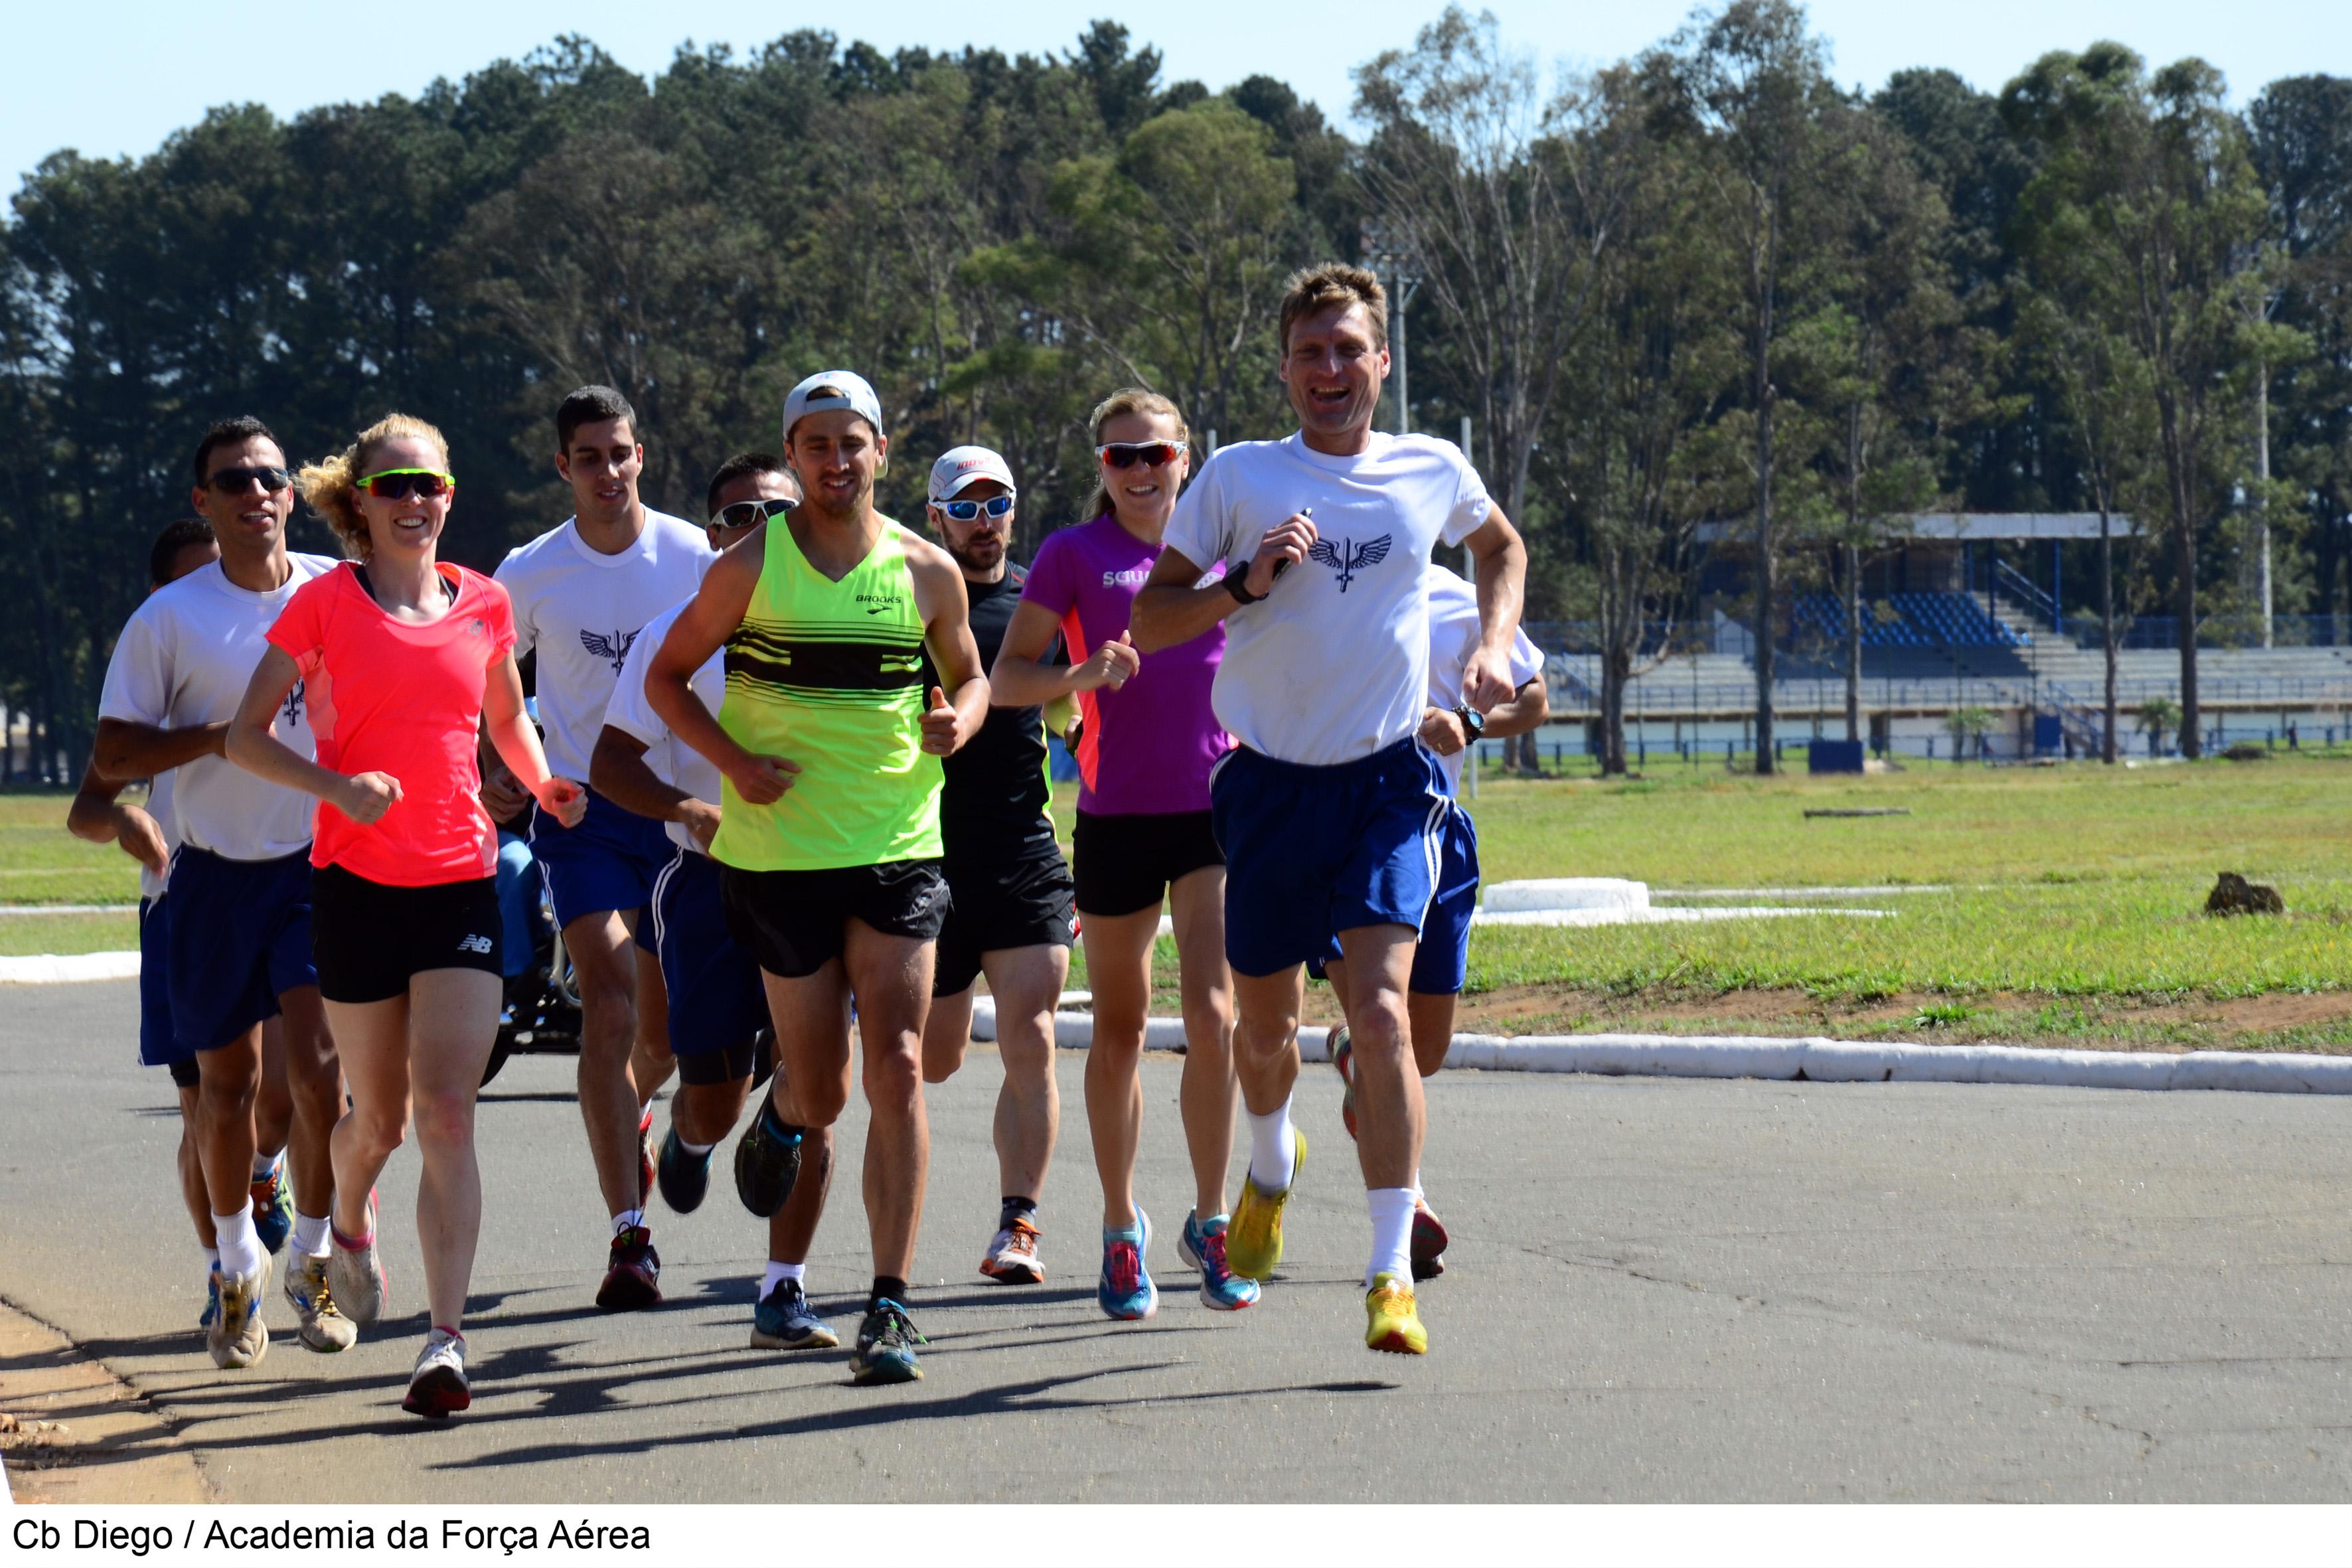 Militares da AFA treinam com atletas britânicos  Cb Diego/AFA